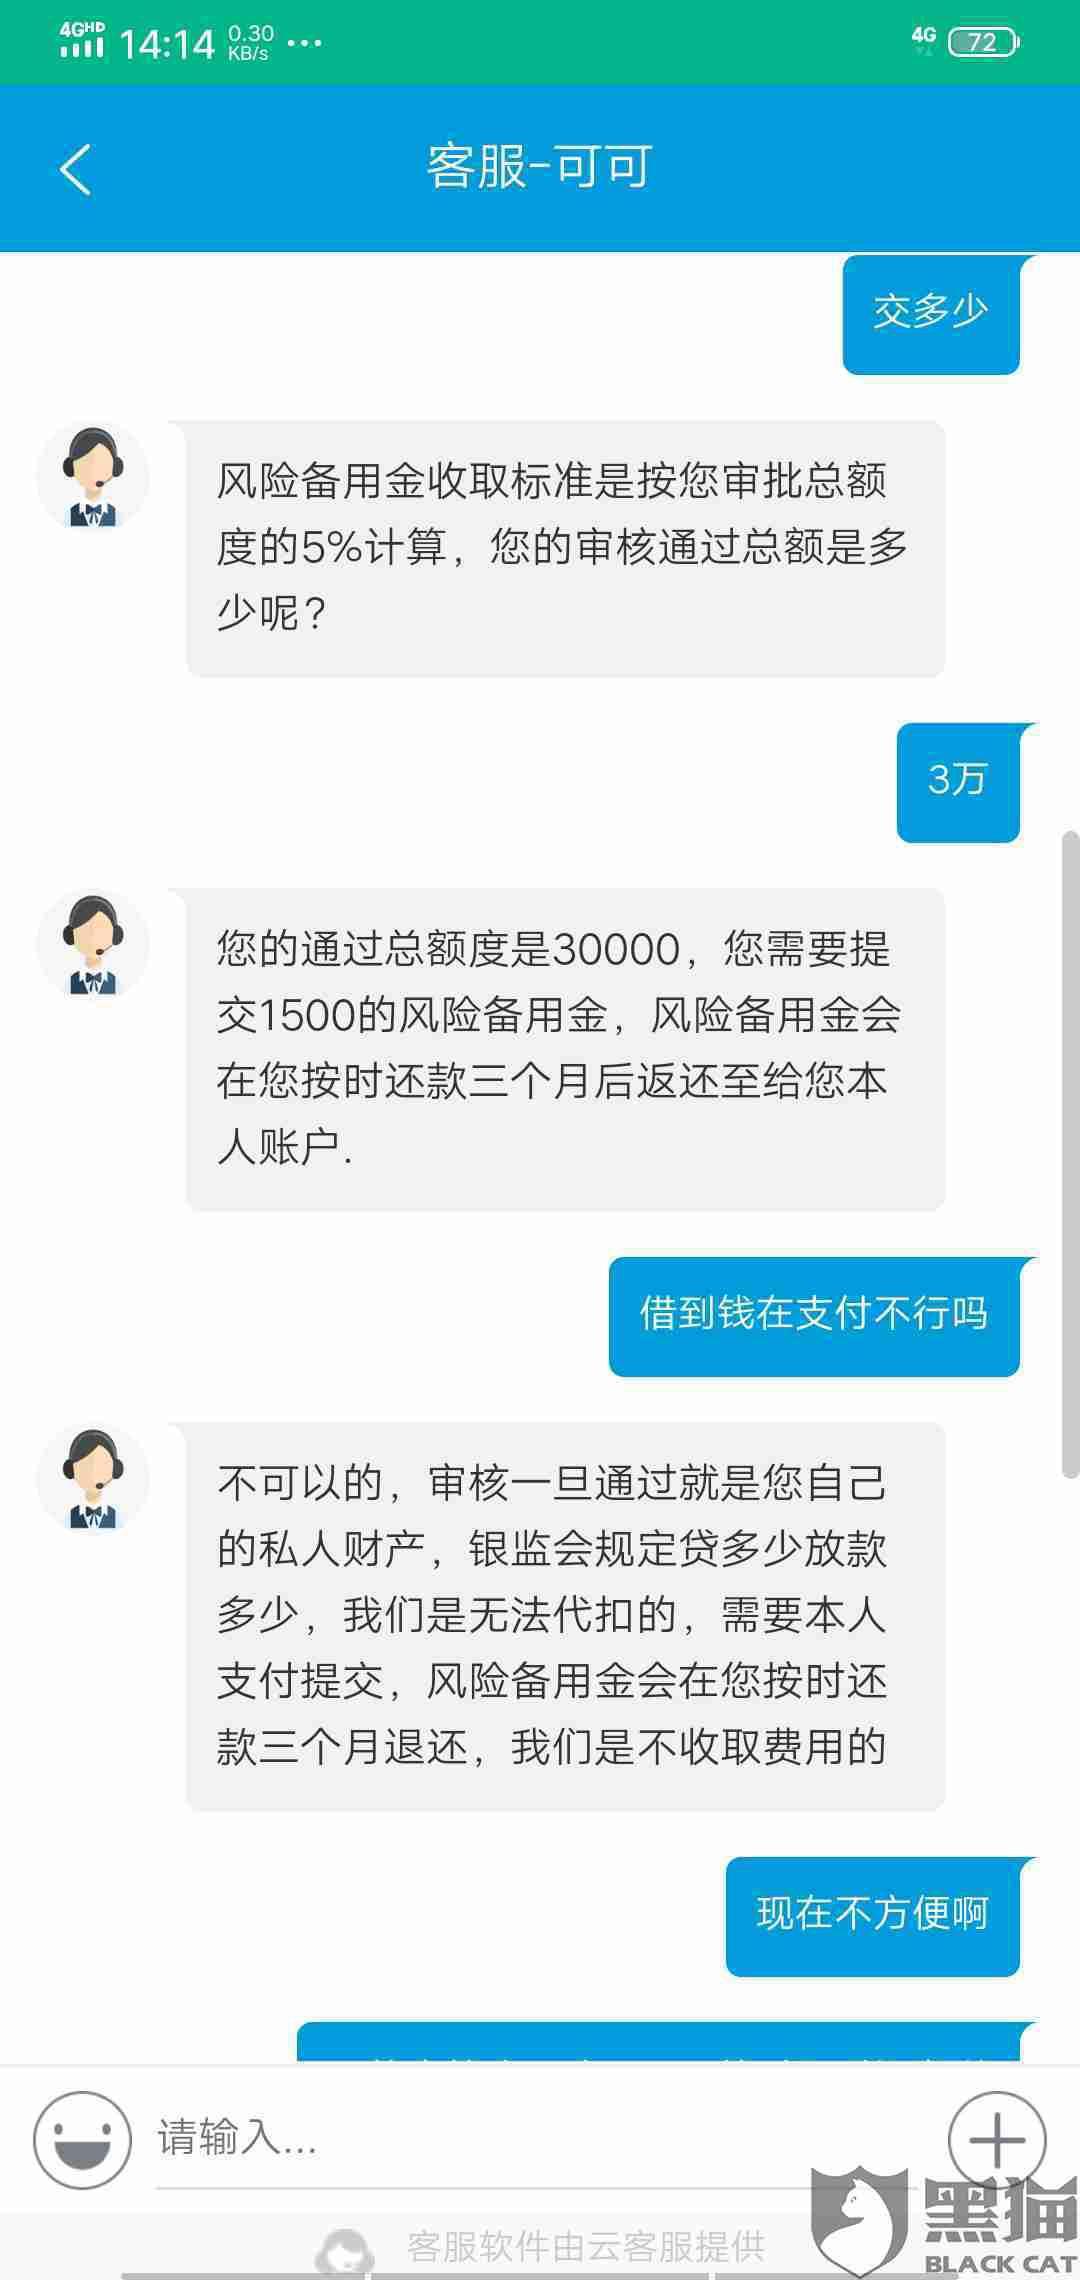 黑猫投诉:2020年7月6日,通过手机短信在5年微货与深圳前海微众银行股份有限公司签订贷款